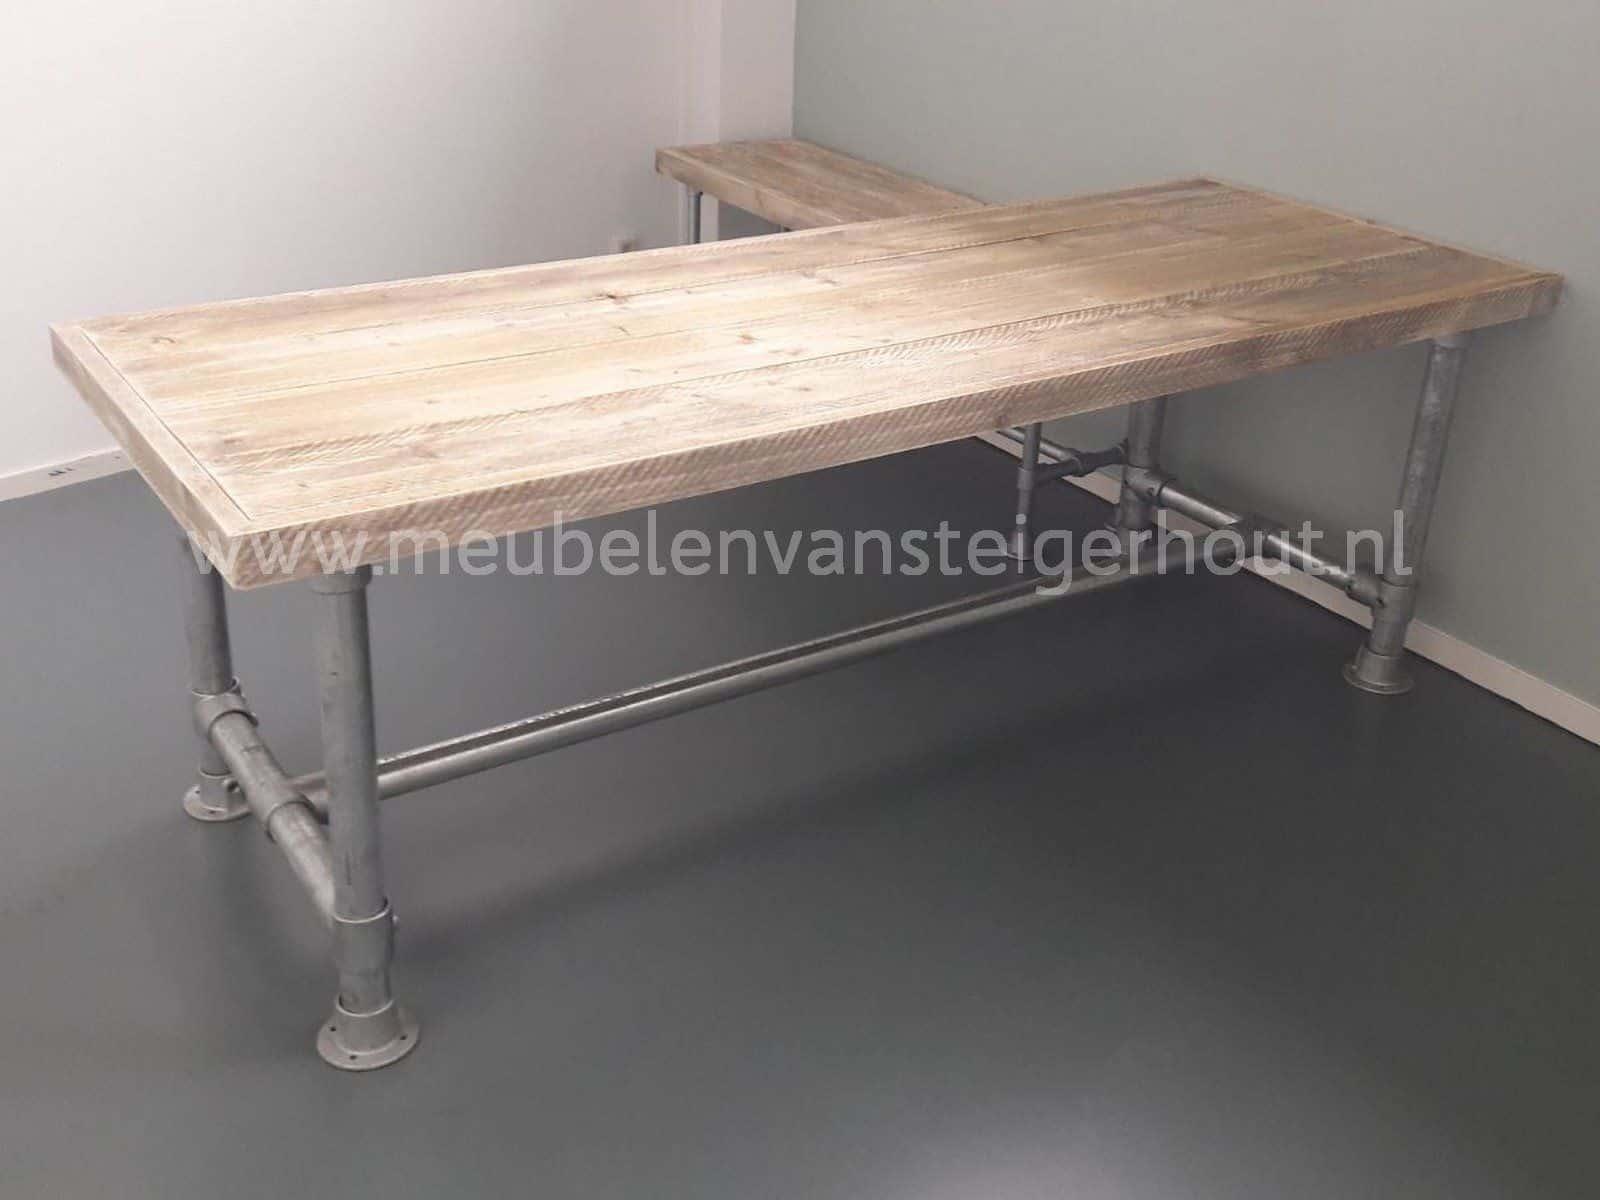 Steigerbuis Tafel Onderstel : Vergadertafel steigerbuis onderstel mm meubelen van steigerhout